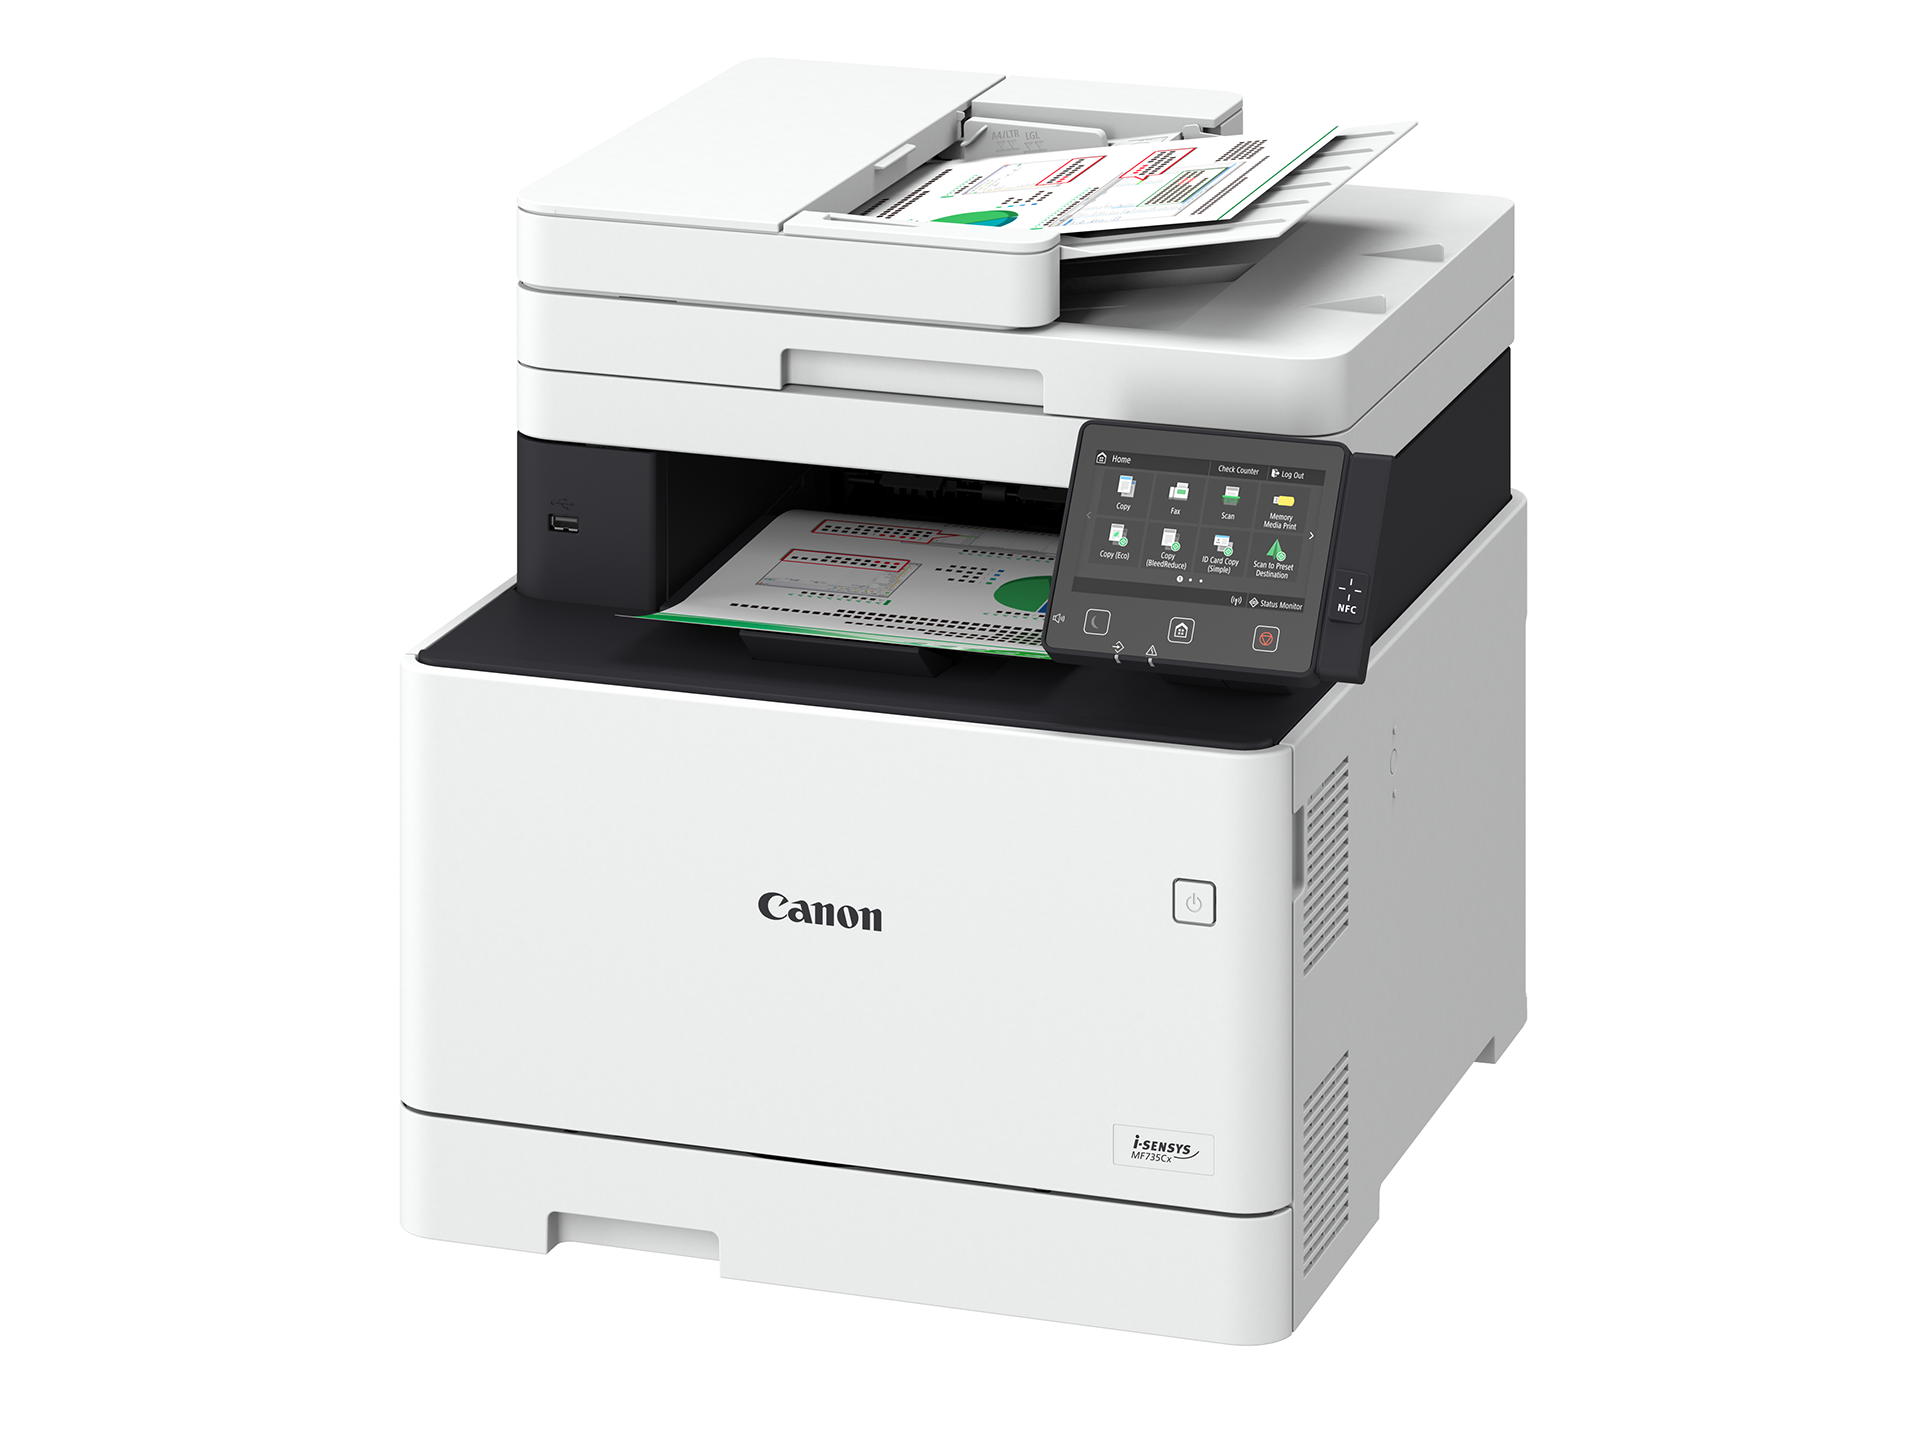 От домашнего офиса до корпорации: новые лазерные устройства из линейки Canon i-SENSYS - 14